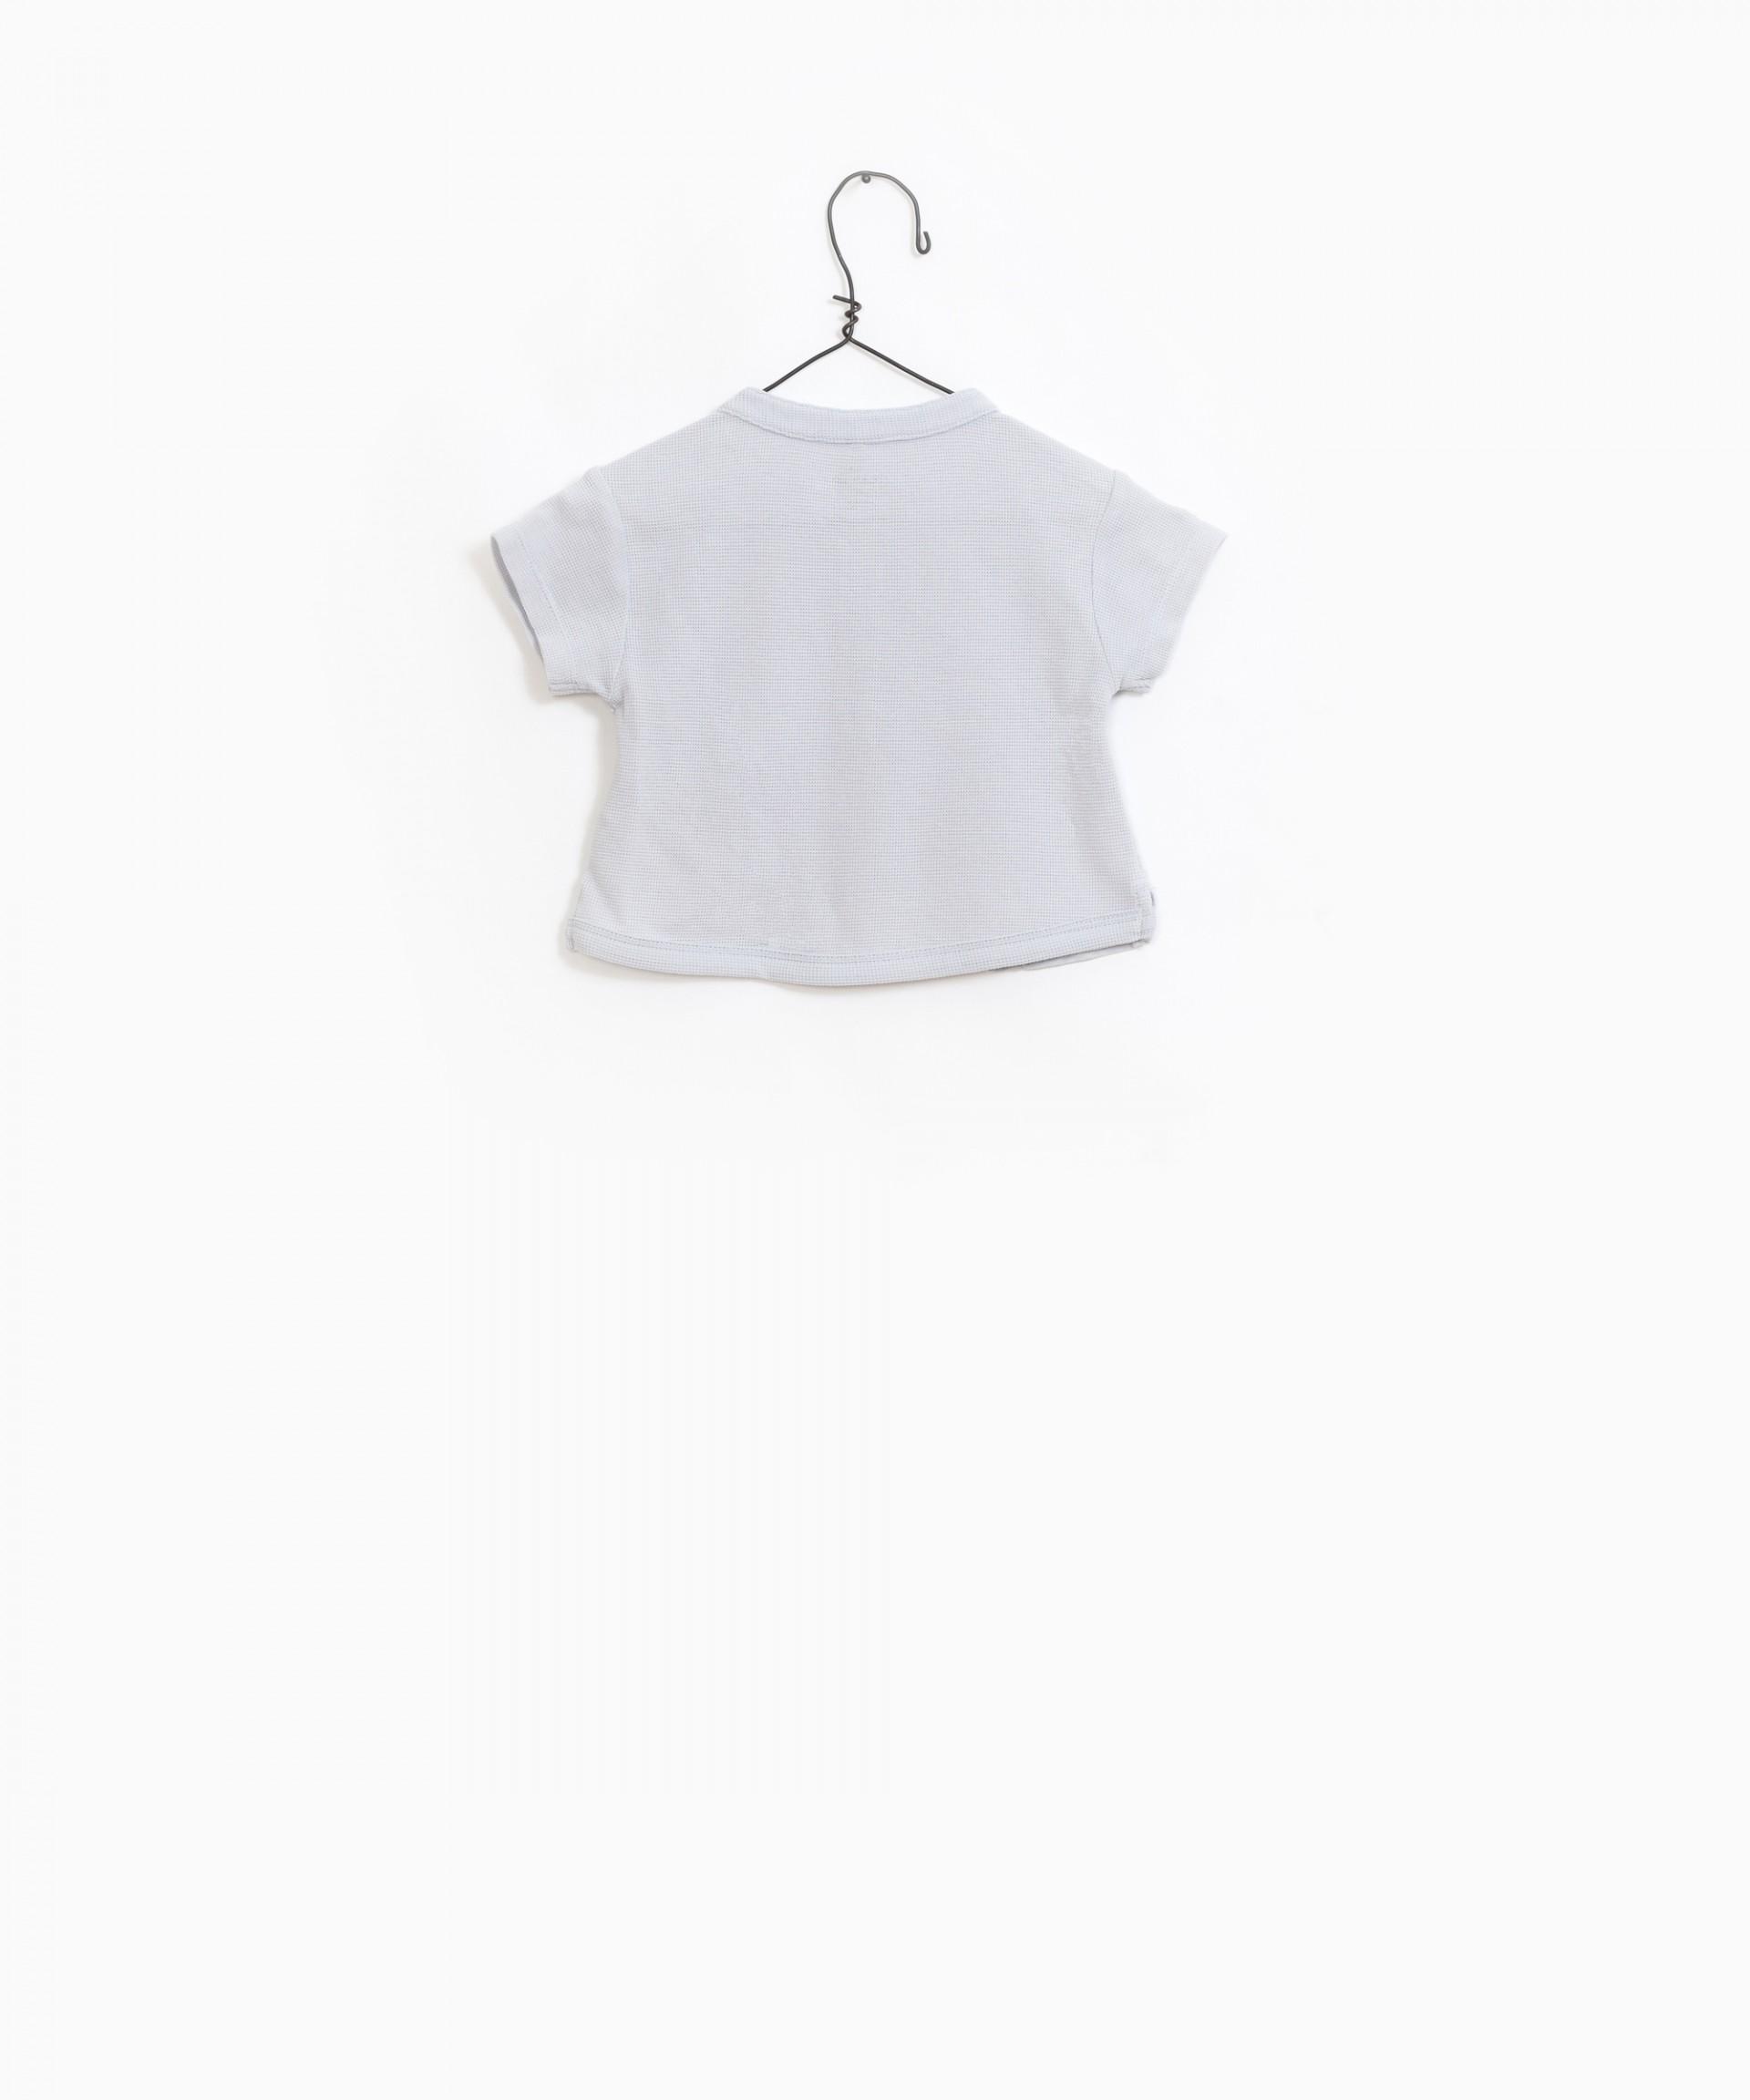 T-shirt mistura algodão orgânico